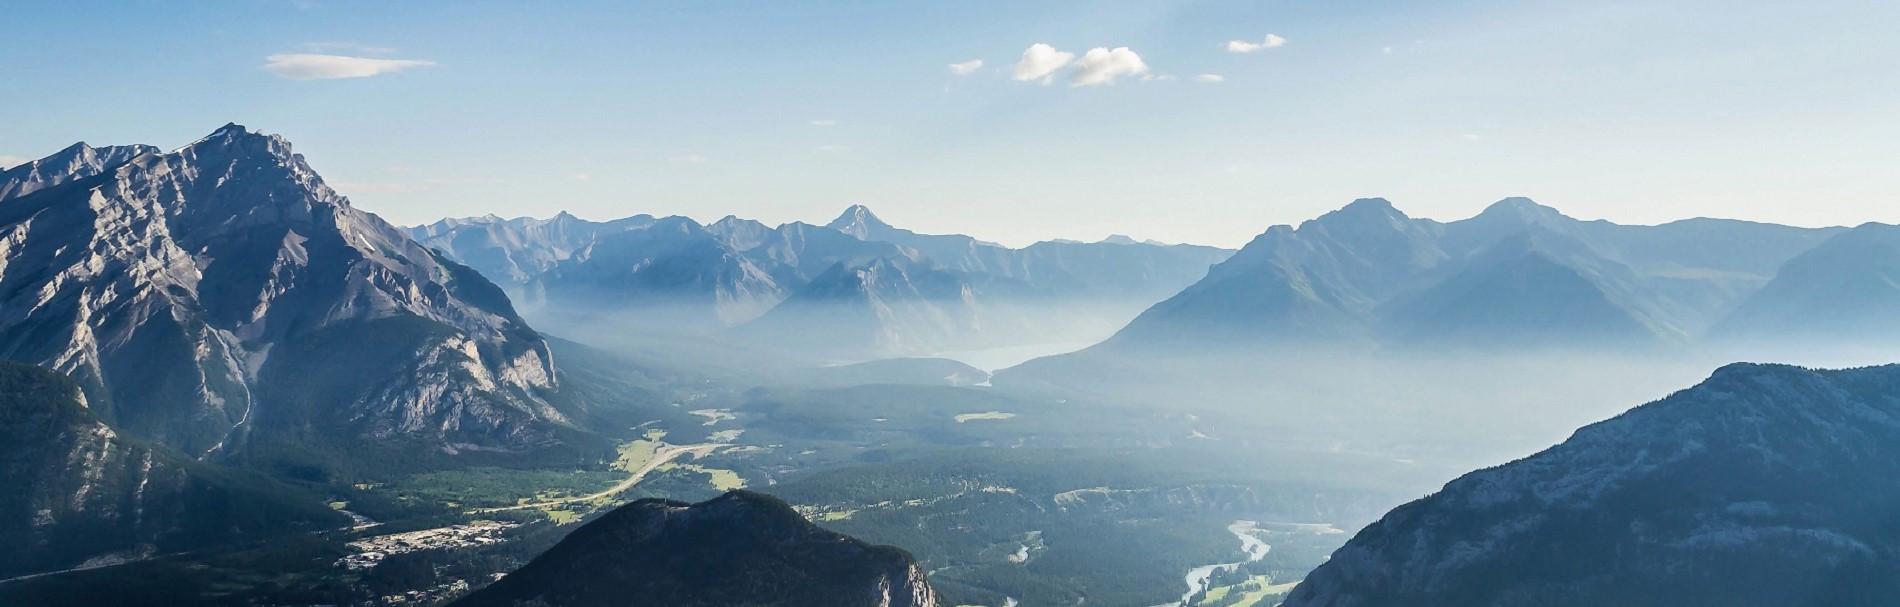 La nostra vision - Montagne ed energia pulita